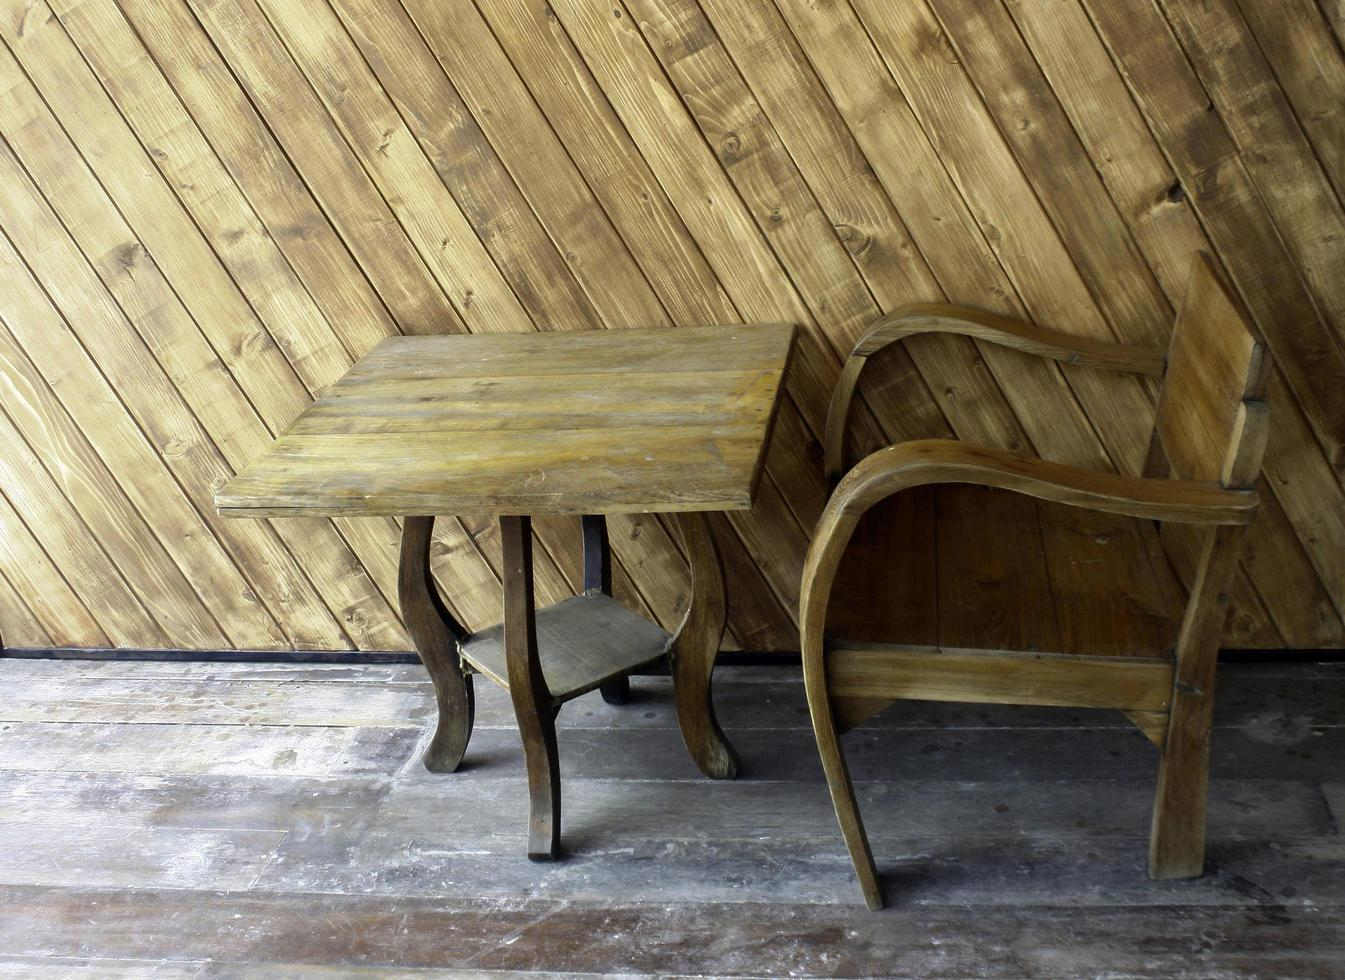 houten tafel en stoel foto